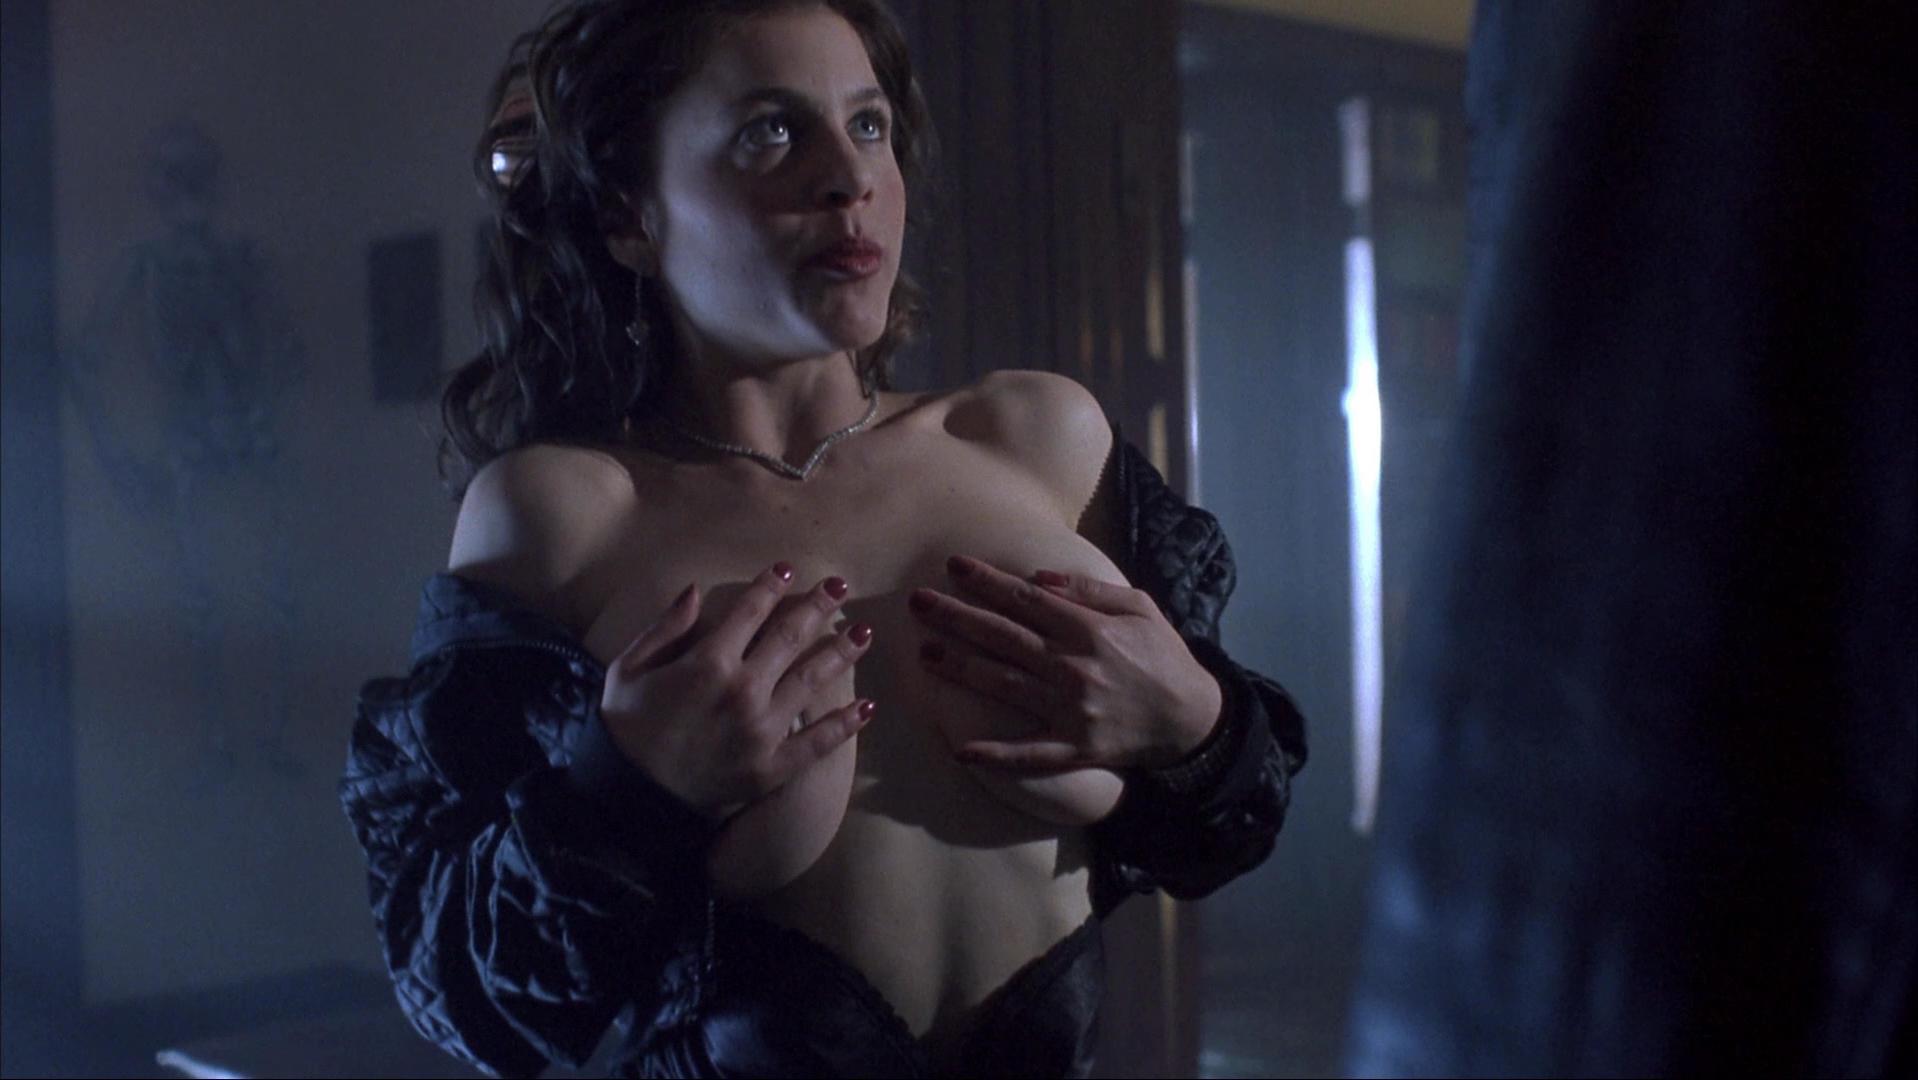 find-boobs-in-movies-bikini-yong-girls